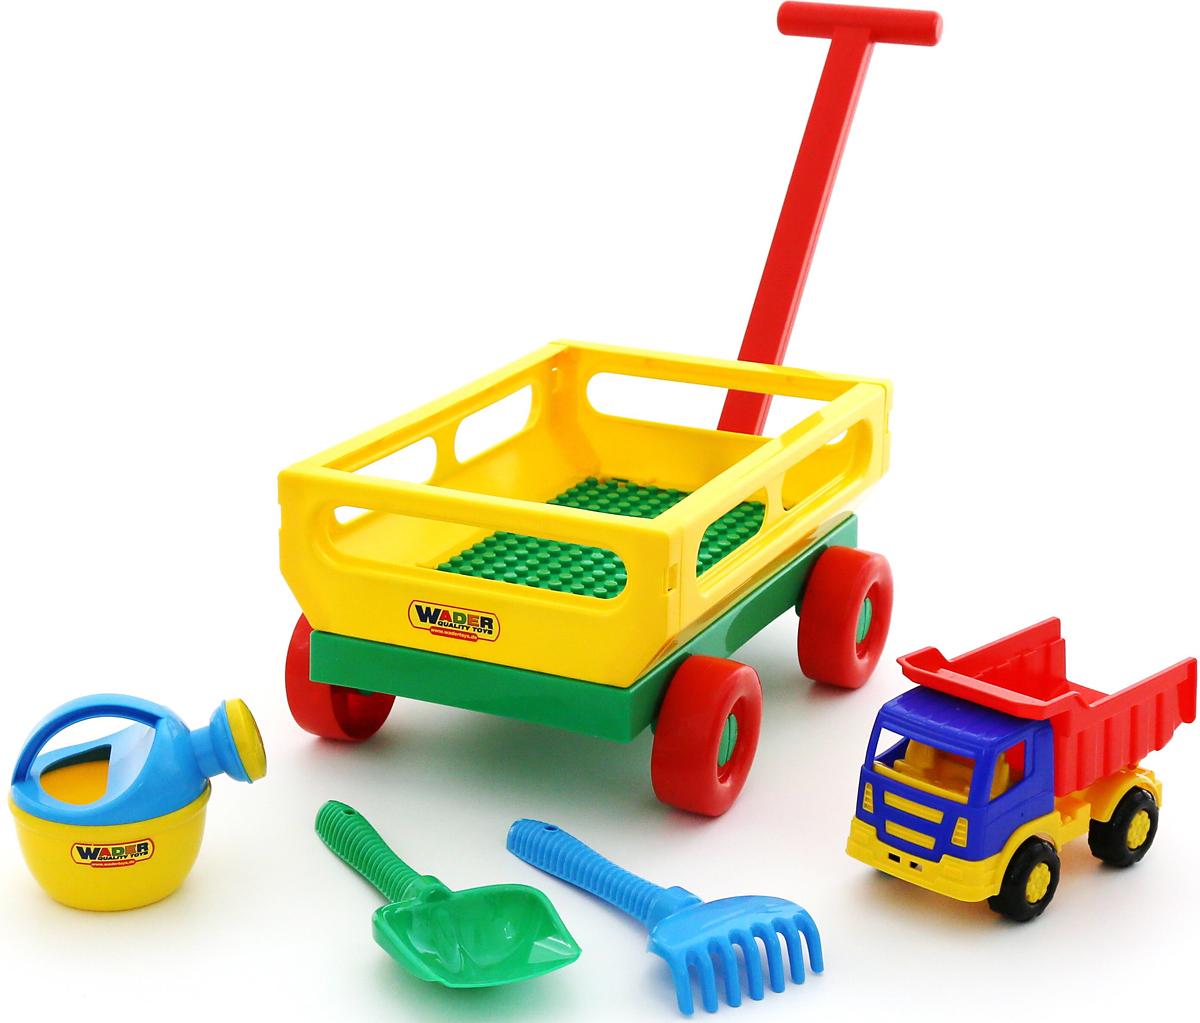 Полесье Набор игрушек для песочницы №494 полесье набор игрушек для песочницы 73